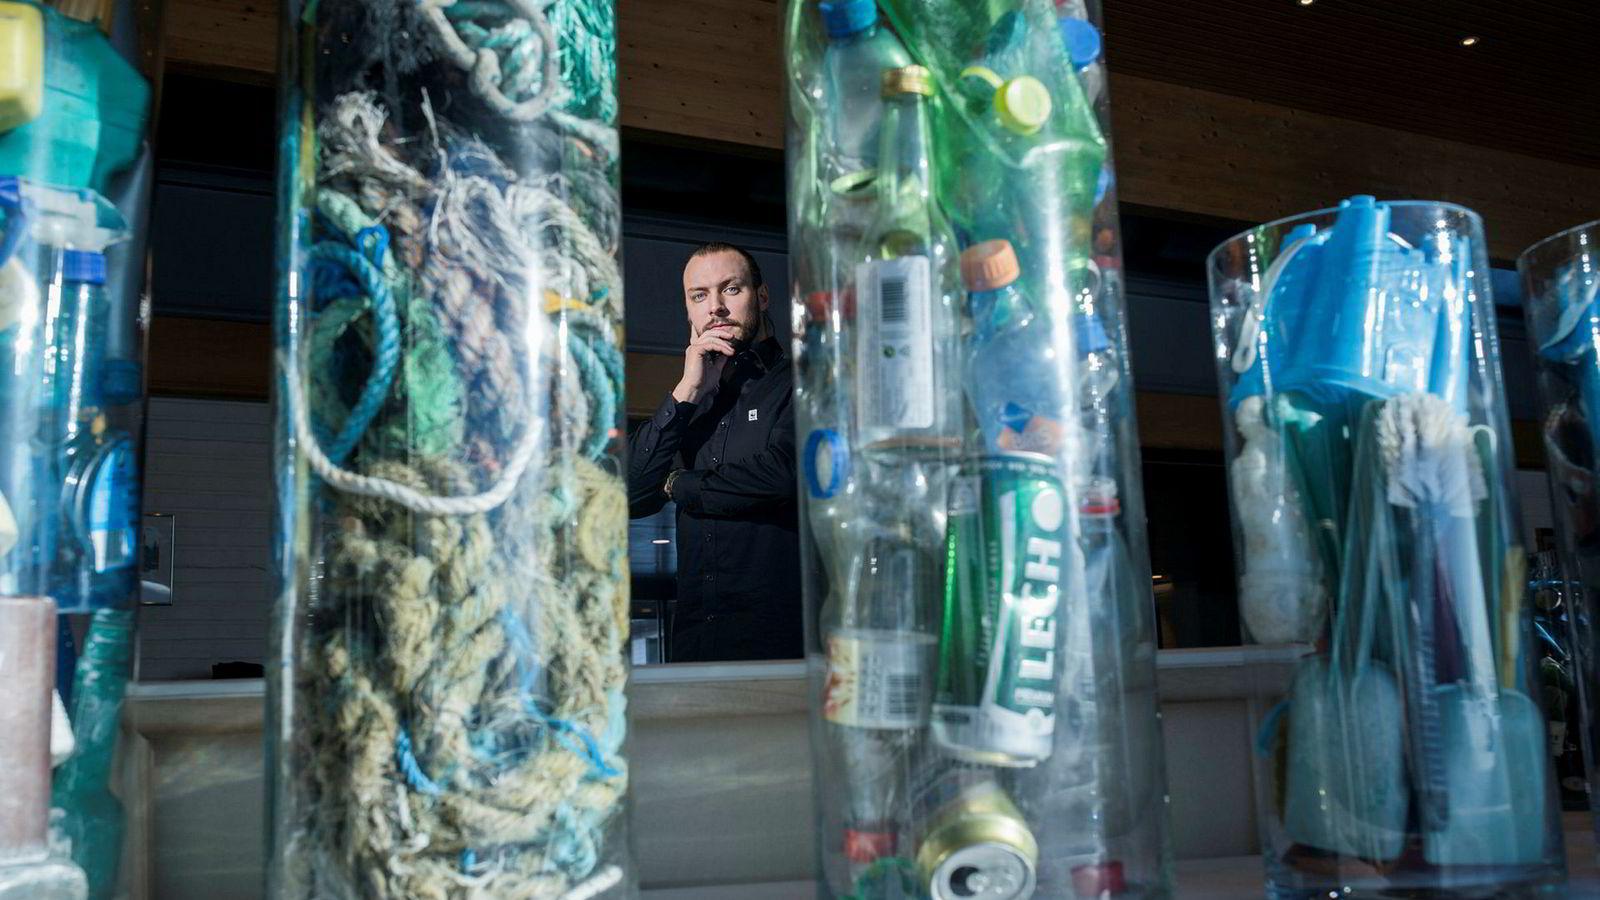 – Gjennom å kreve at plastprodusenter og importører får ansvar gjennom hele livsløpet, vil mengden plast på avveier reduseres, sier WWF-rådgiver Fredrik Myhre som ikke støtter forslaget om å sende ut offshorefartøy i opplag for å samle opp plast i havet.